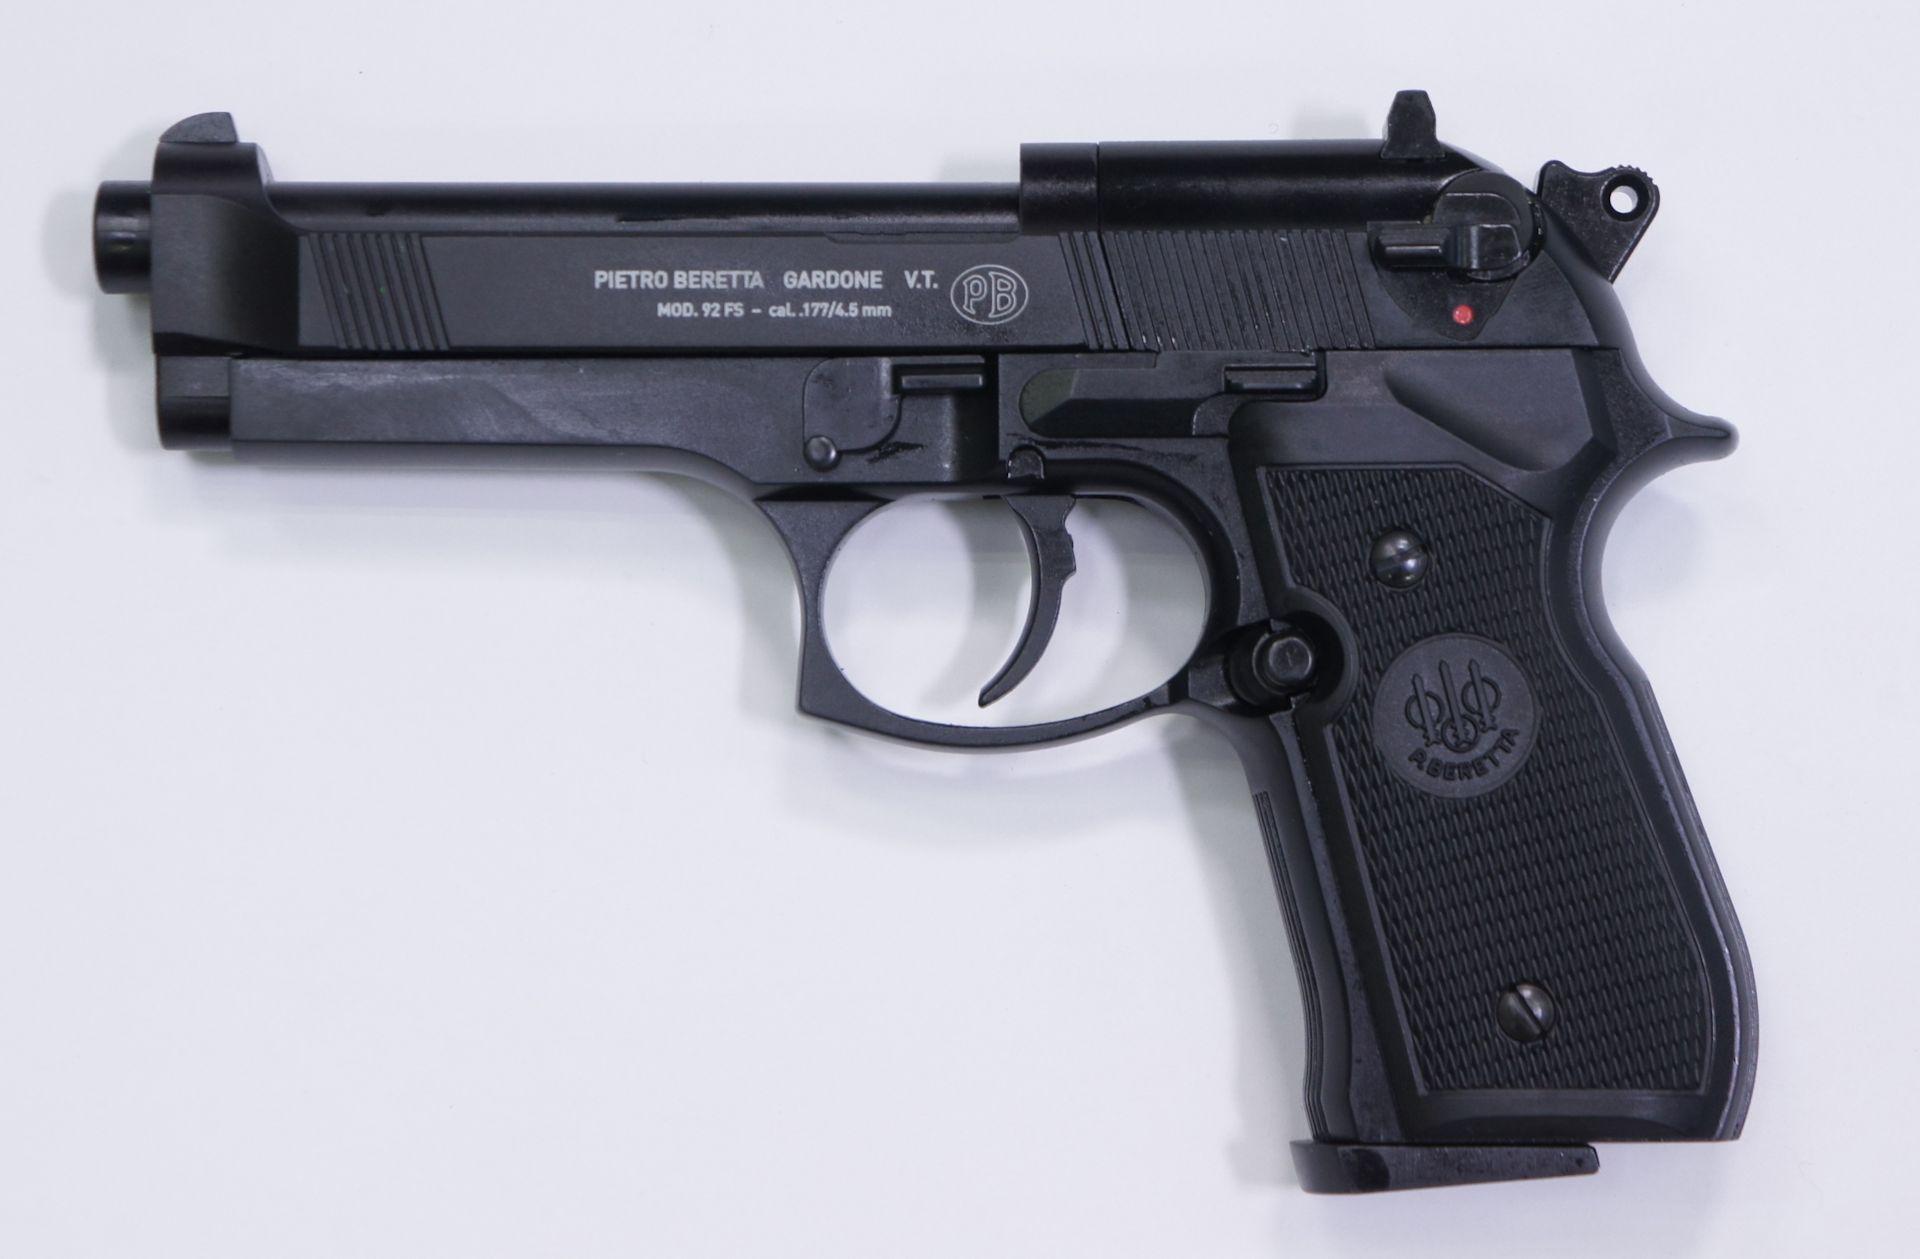 CO2 Pistole Modell Beretta 92FS in schwarz